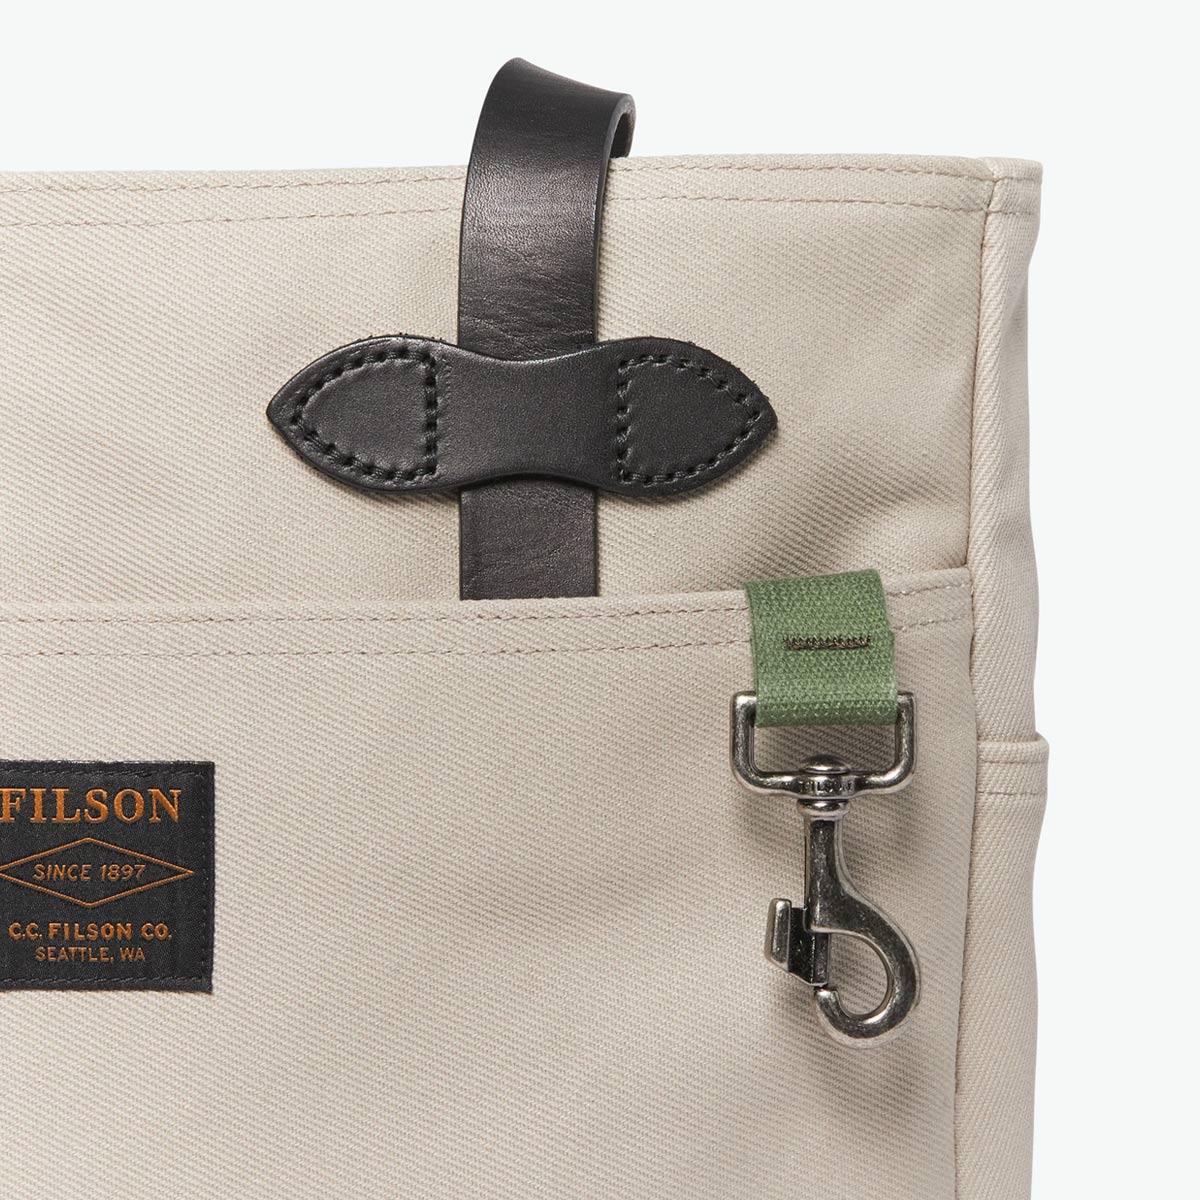 Filson Rugged Twill Tote Bag Twine, gemaakt voor mannen en vrouwen die van gemak, stijl en kwaliteit houden